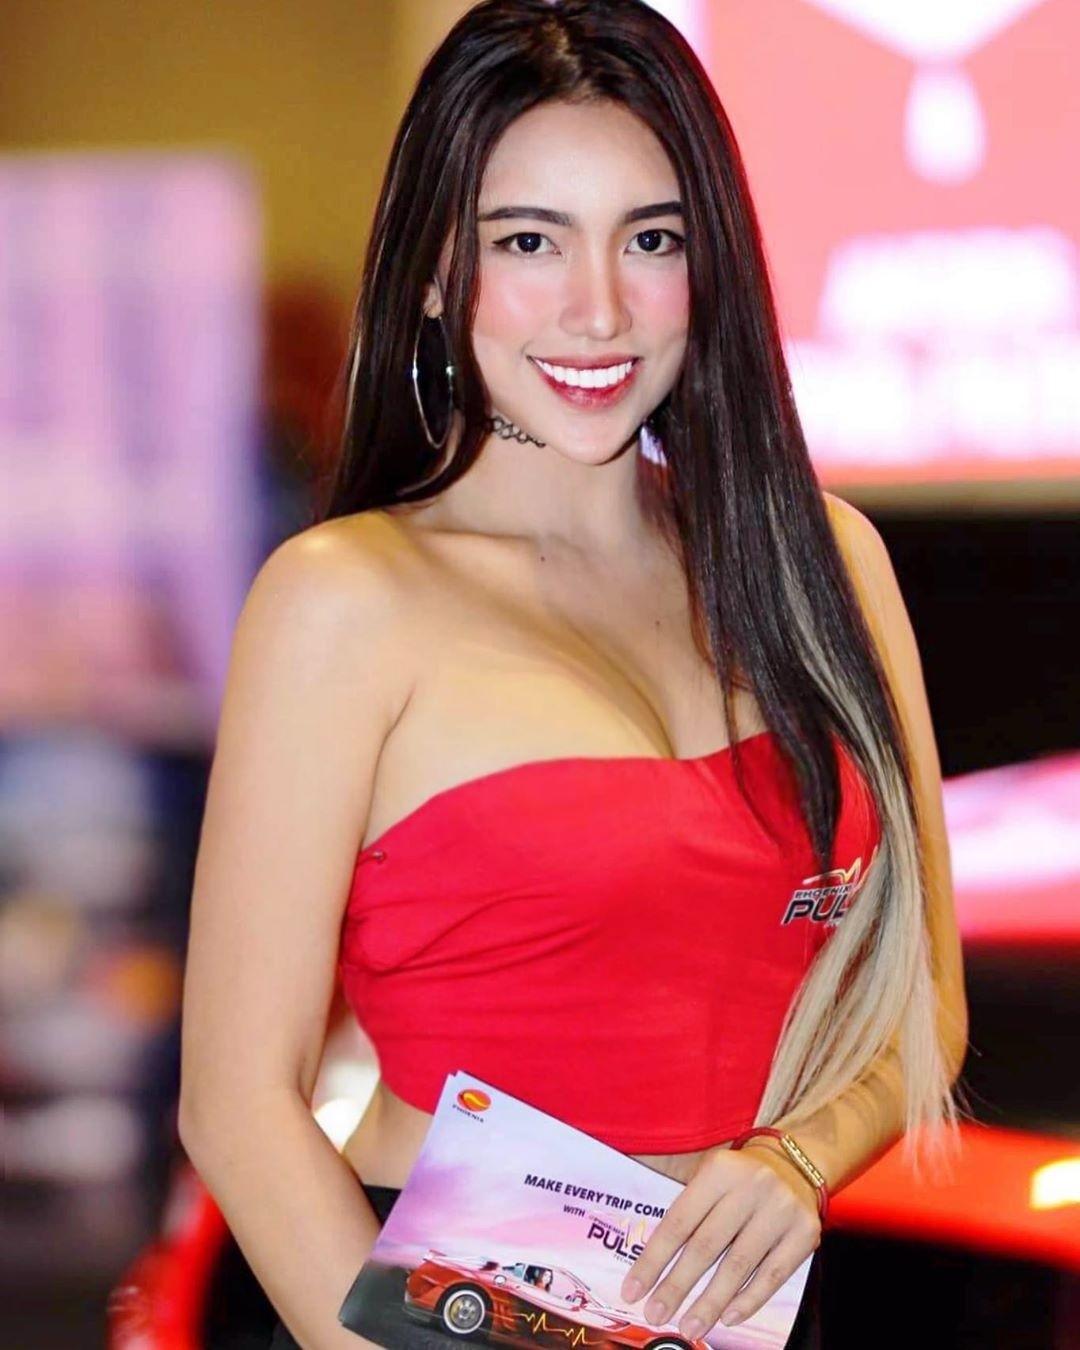 Điểm mặt các bóng hồng xinh đẹp ở triển lãm TransSportShow 2019 tại Philippines - 10